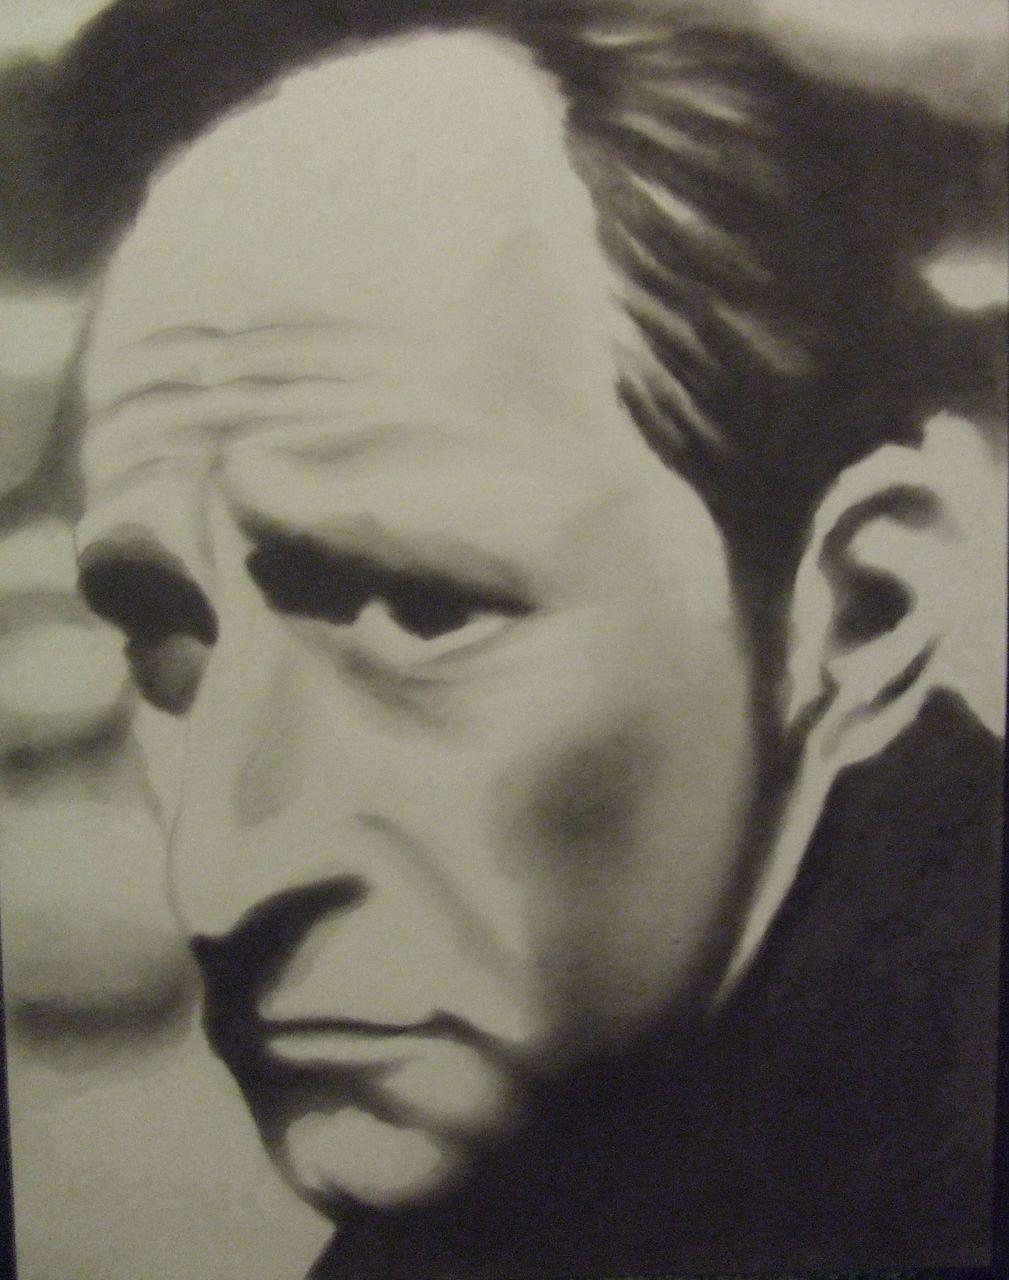 Fantômas Maître du monde Benoît Poelvoorde